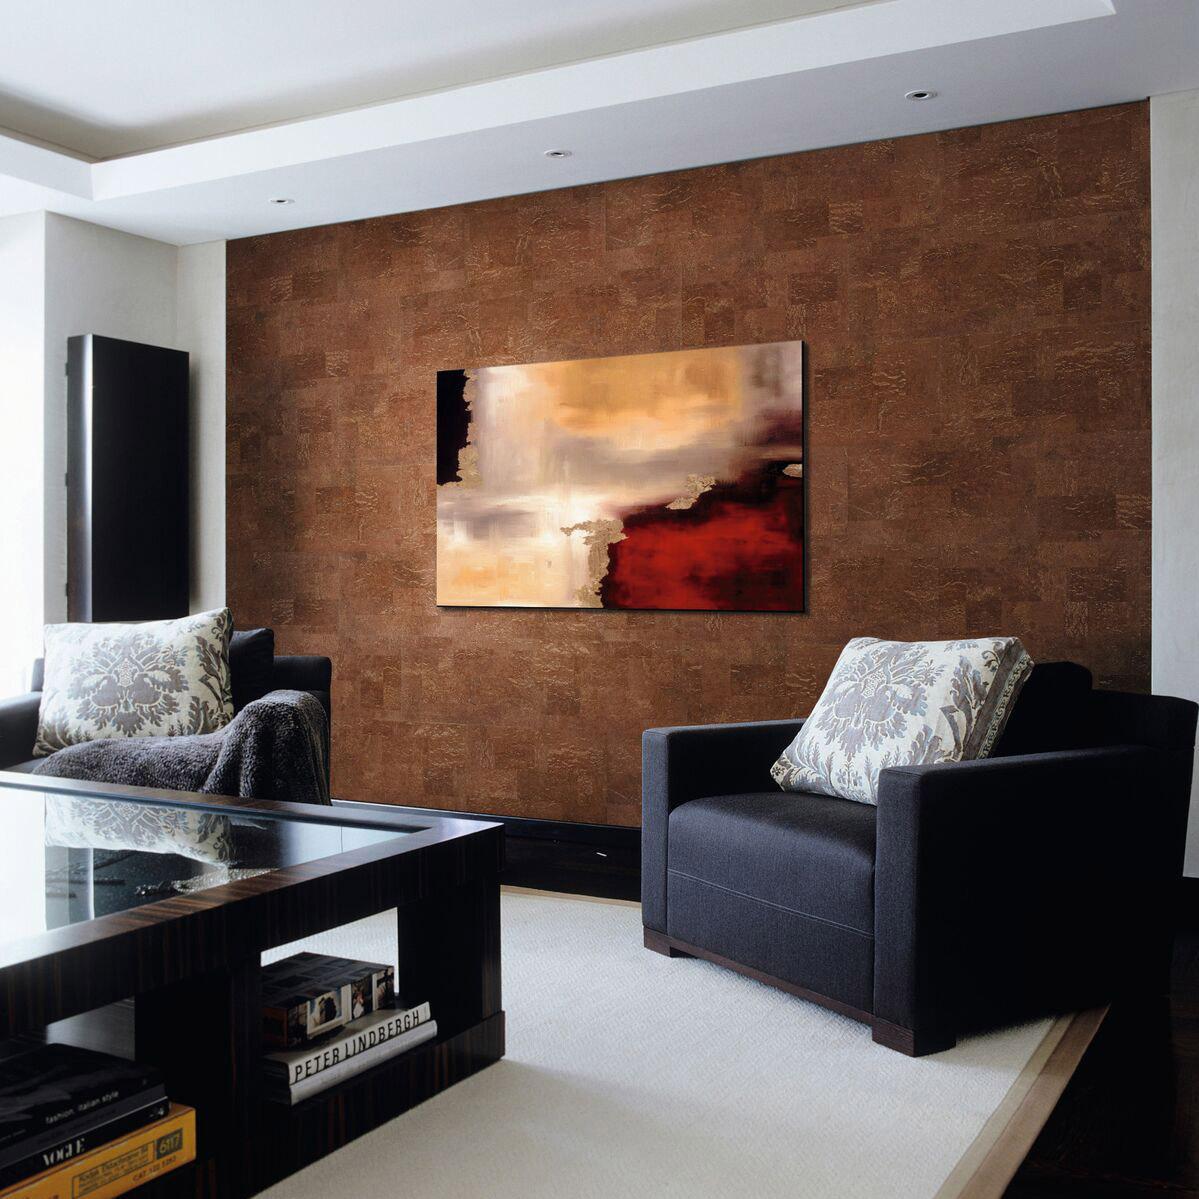 Dalles murales en li/ège d/écoratives naturelles 60 cm x 30 cm naturel 11 carreaux au total 1,98 m/²